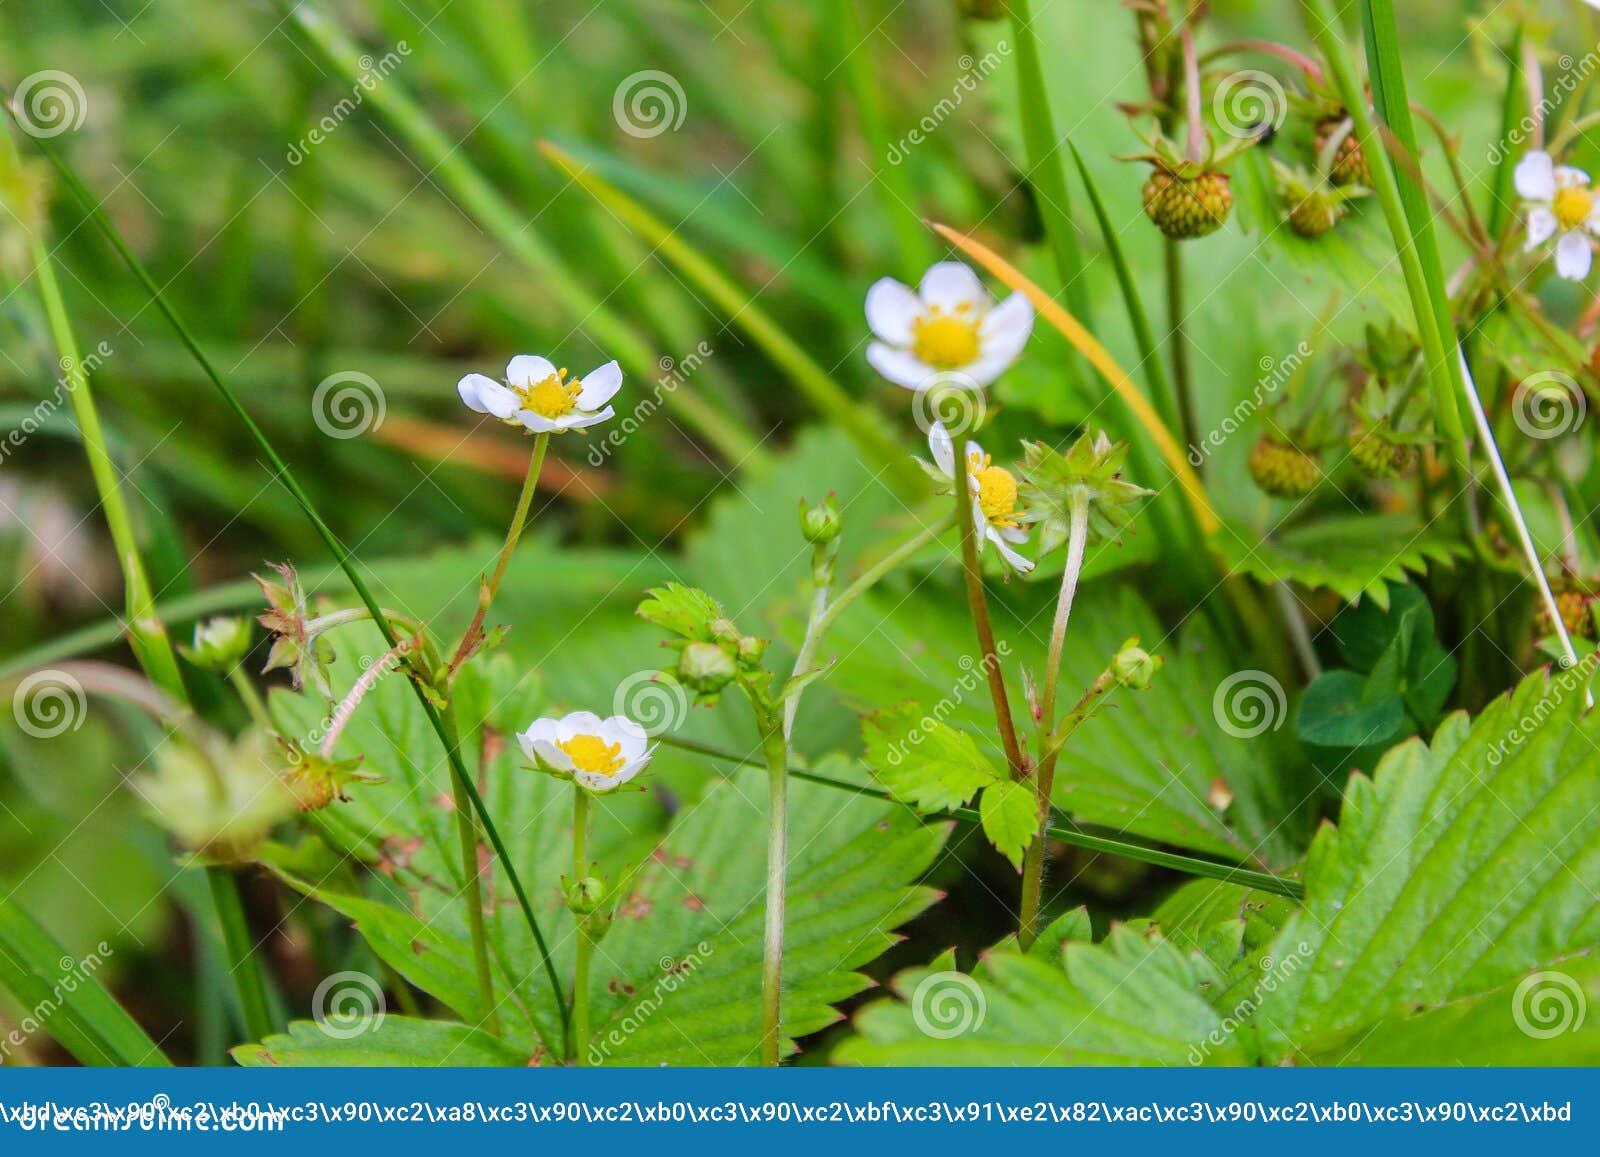 Jordgubbeharnesk Fragà ¡ ria - släkte av perenna örtartade växter av den rosa familjen